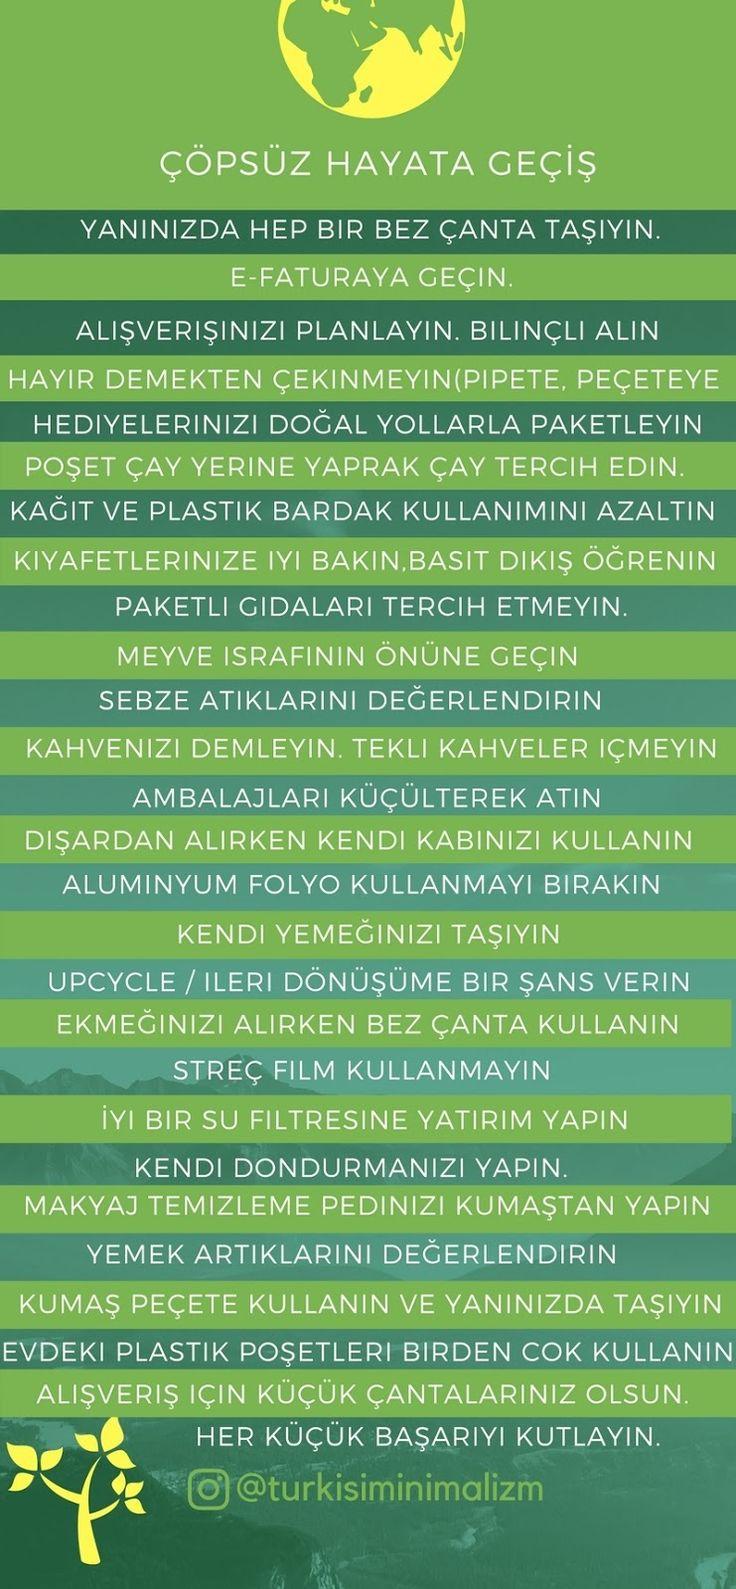 Türk İşi Minimalizm: Çöpsüz Hayata Giriş: 4. Hafta Özeti  | zero waste | zero waste swaps | çöpsüz hayat | sıfır cop